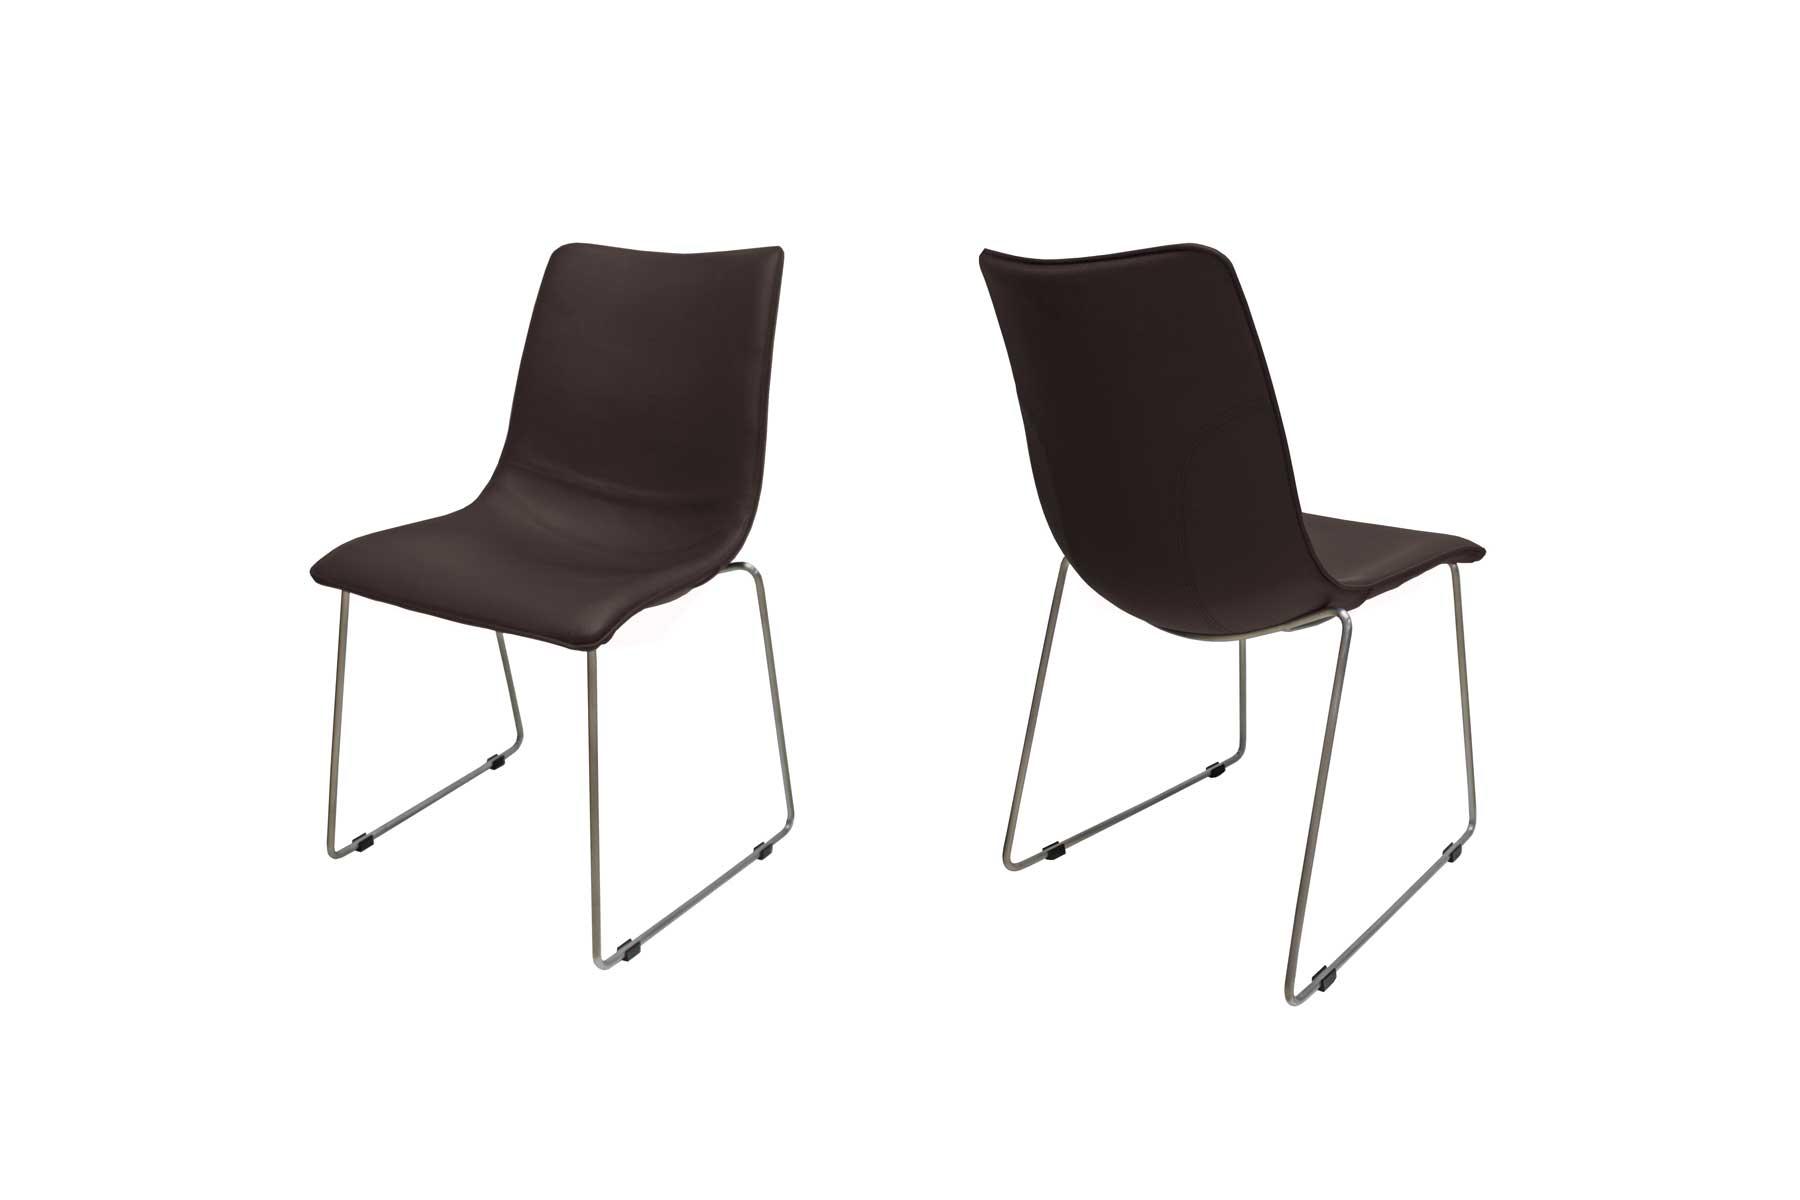 Billede af Delta stol i mørkebrun